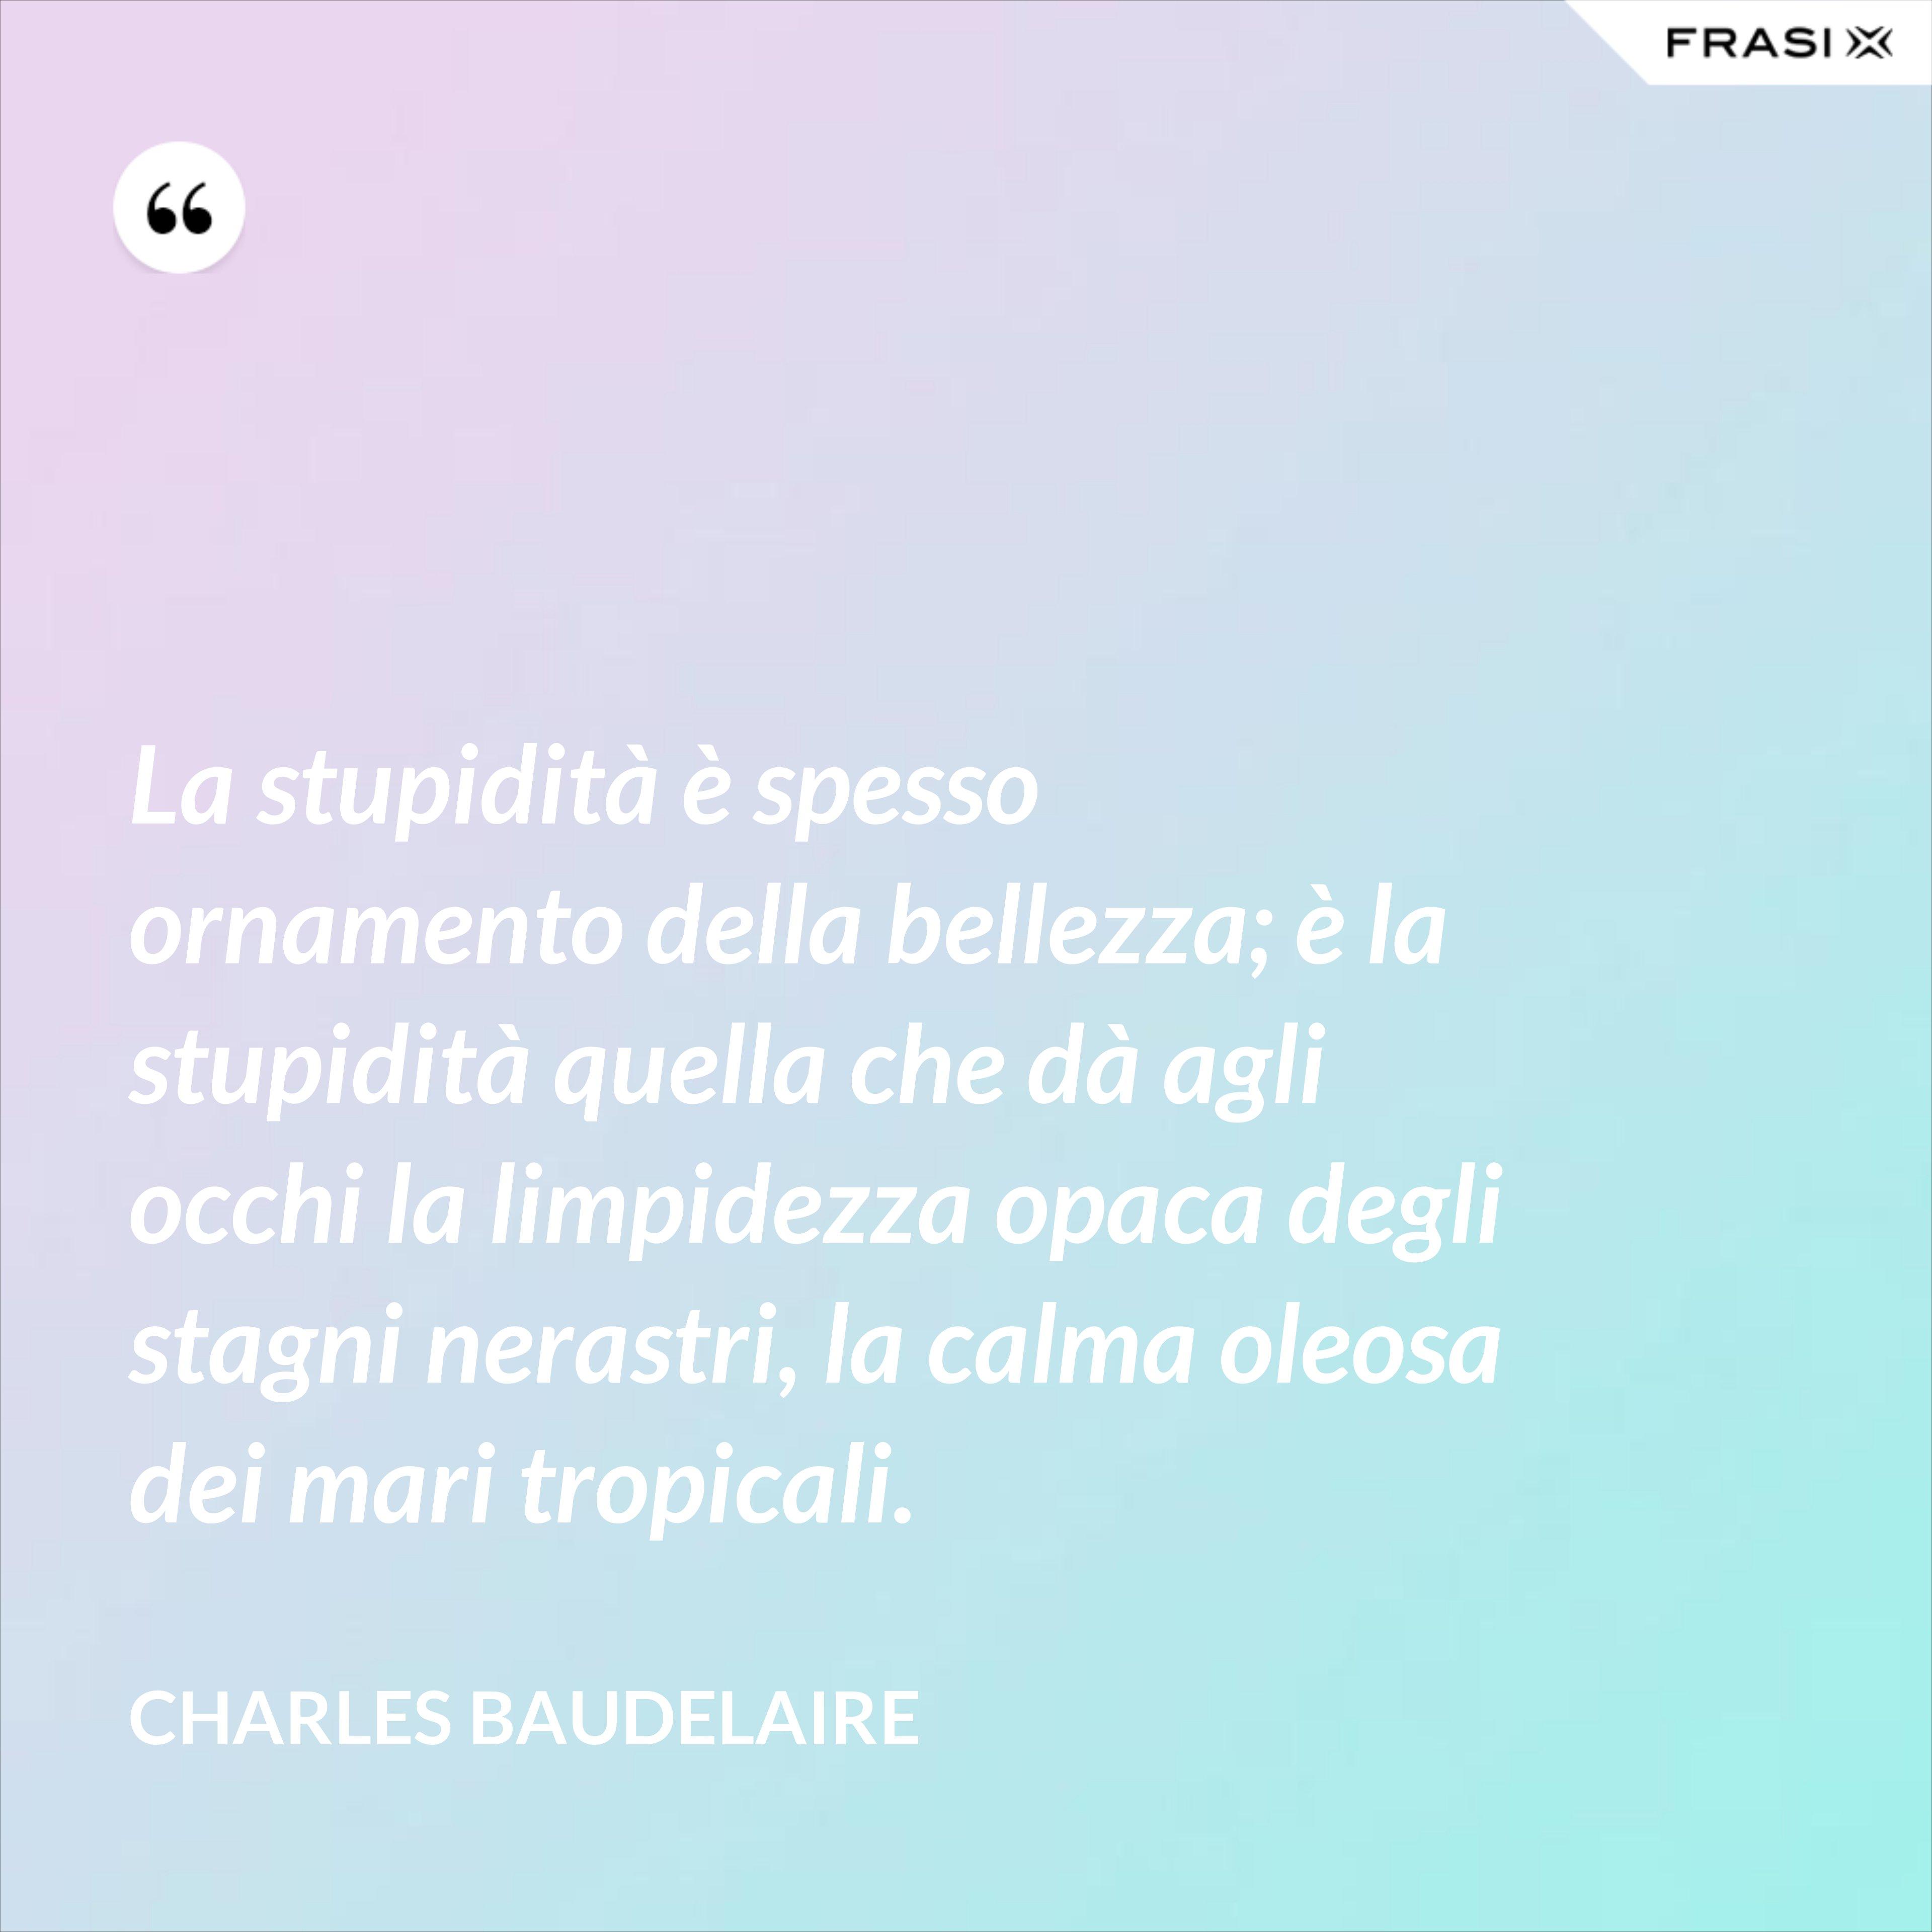 La stupidità è spesso ornamento della bellezza; è la stupidità quella che dà agli occhi la limpidezza opaca degli stagni nerastri, la calma oleosa dei mari tropicali. - Charles Baudelaire